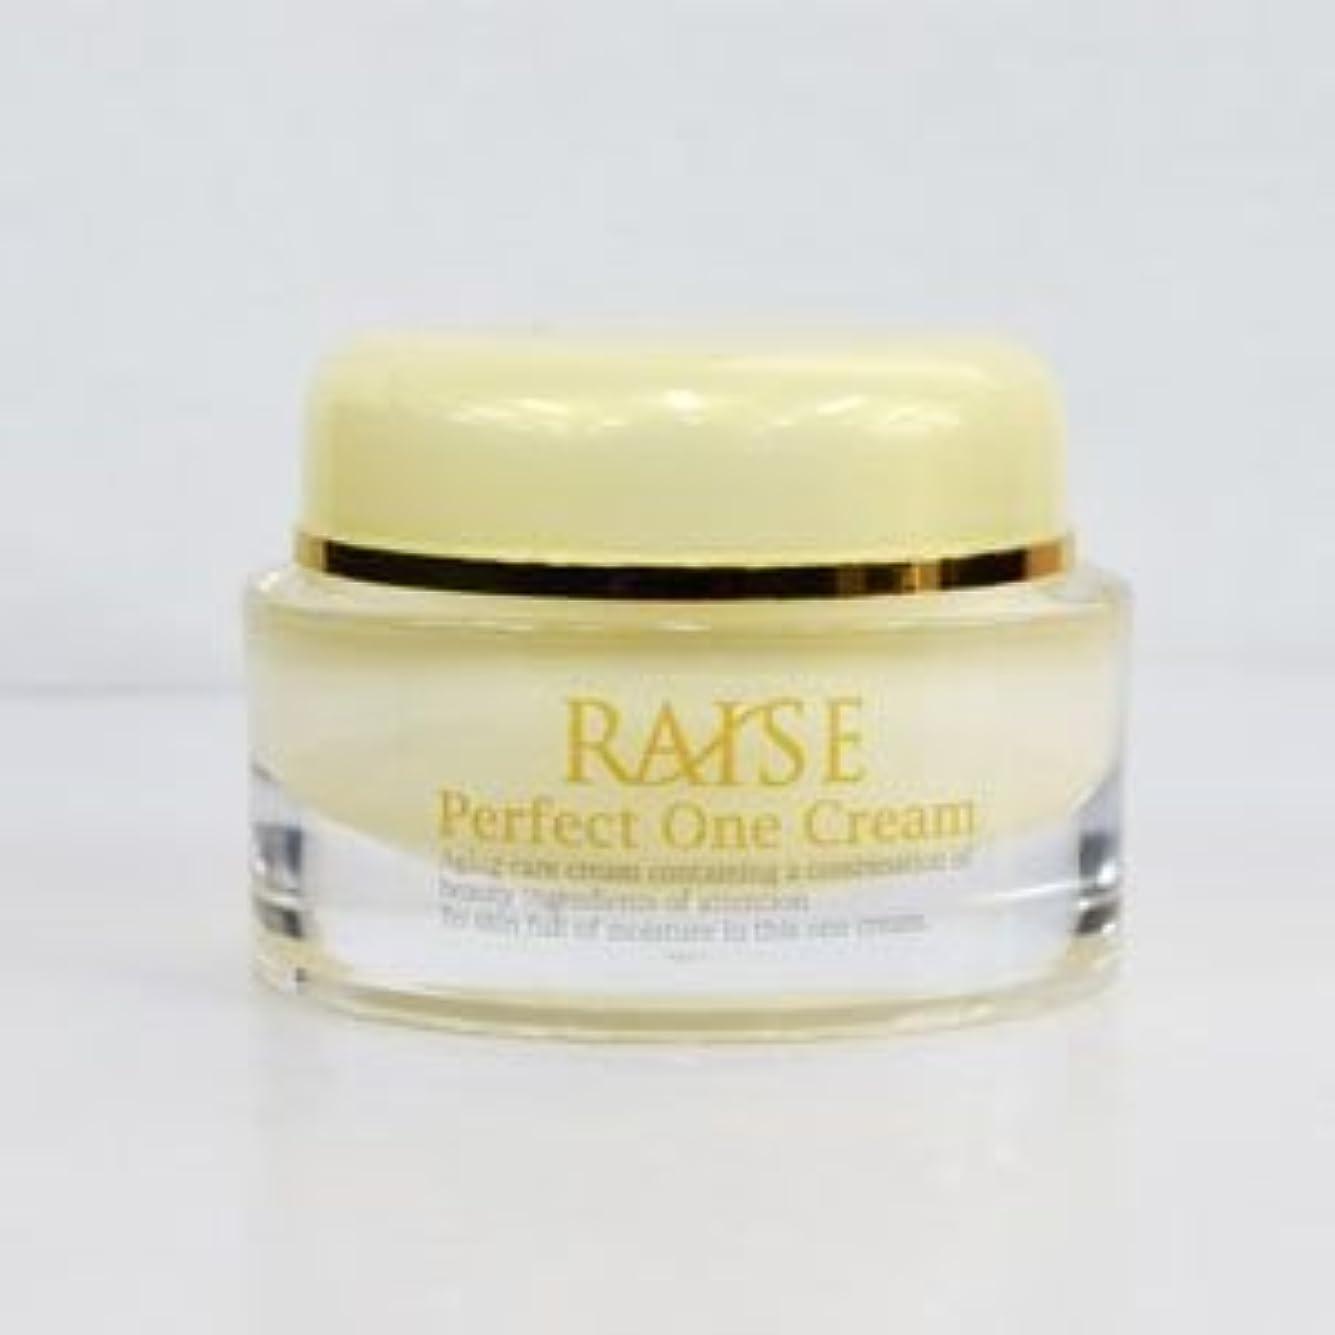 アクセントロードされた基本的なRAISE (レイズ) Perfect One Cream パーフェクトワンクリーム 活性型FGF 活性型EGF 馬プラセンタ コラーゲン オールインワン クリーム 50g